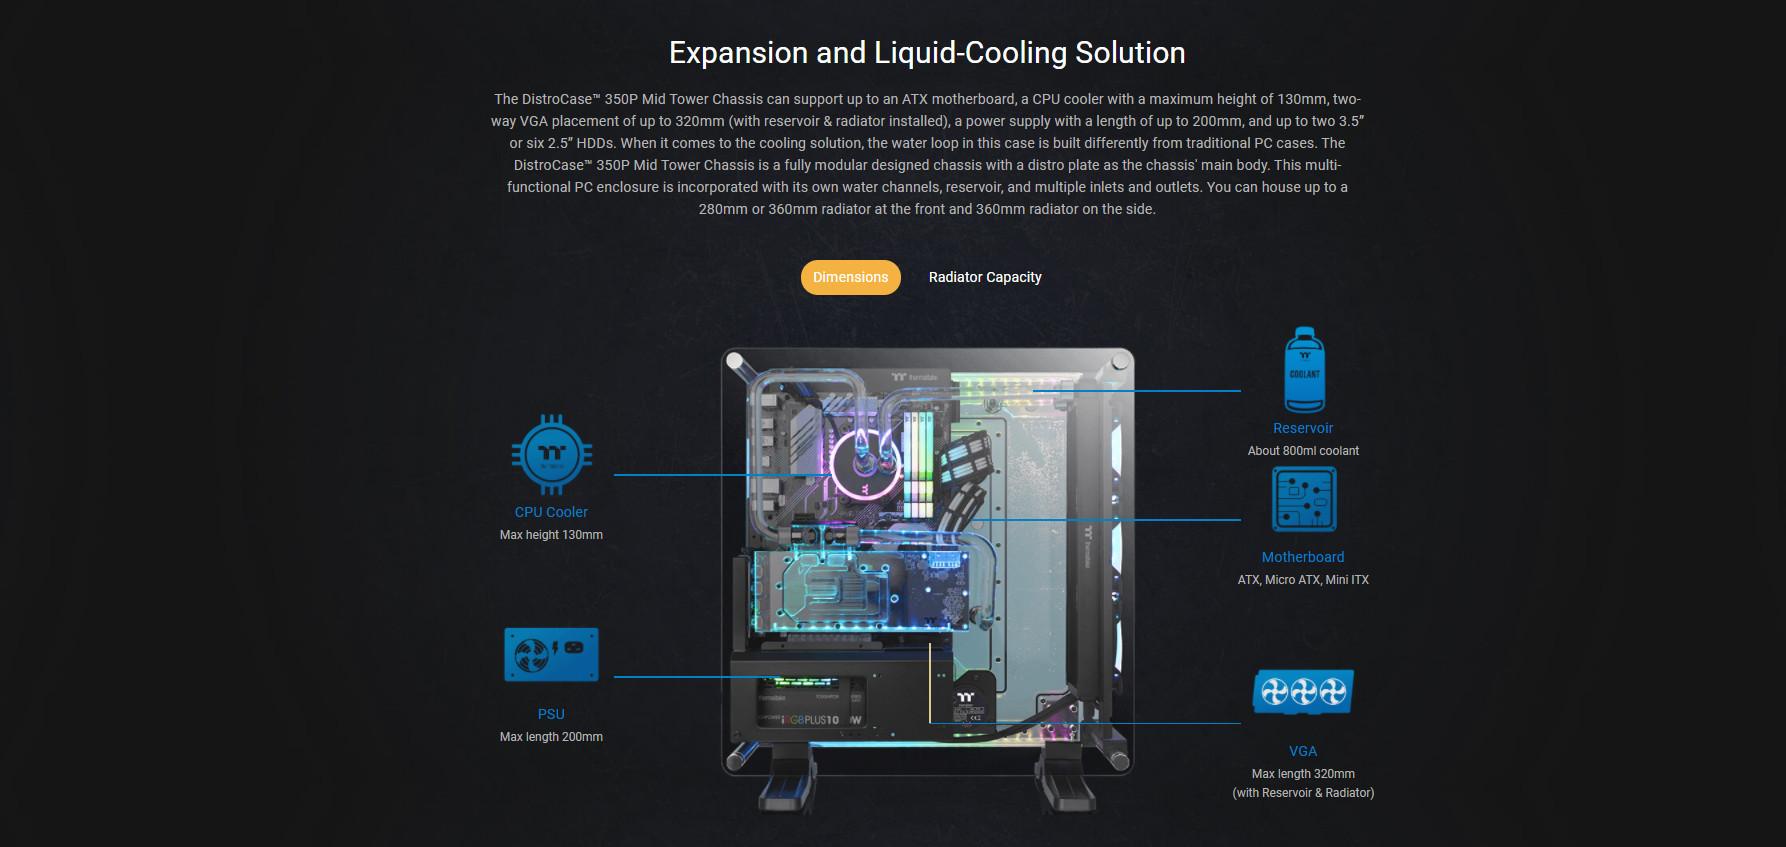 Vỏ Case Thermaltake DistroCase 350P Mid Tower Chassis có khả năng hỗ trợ tản nhiệt nước tối đa